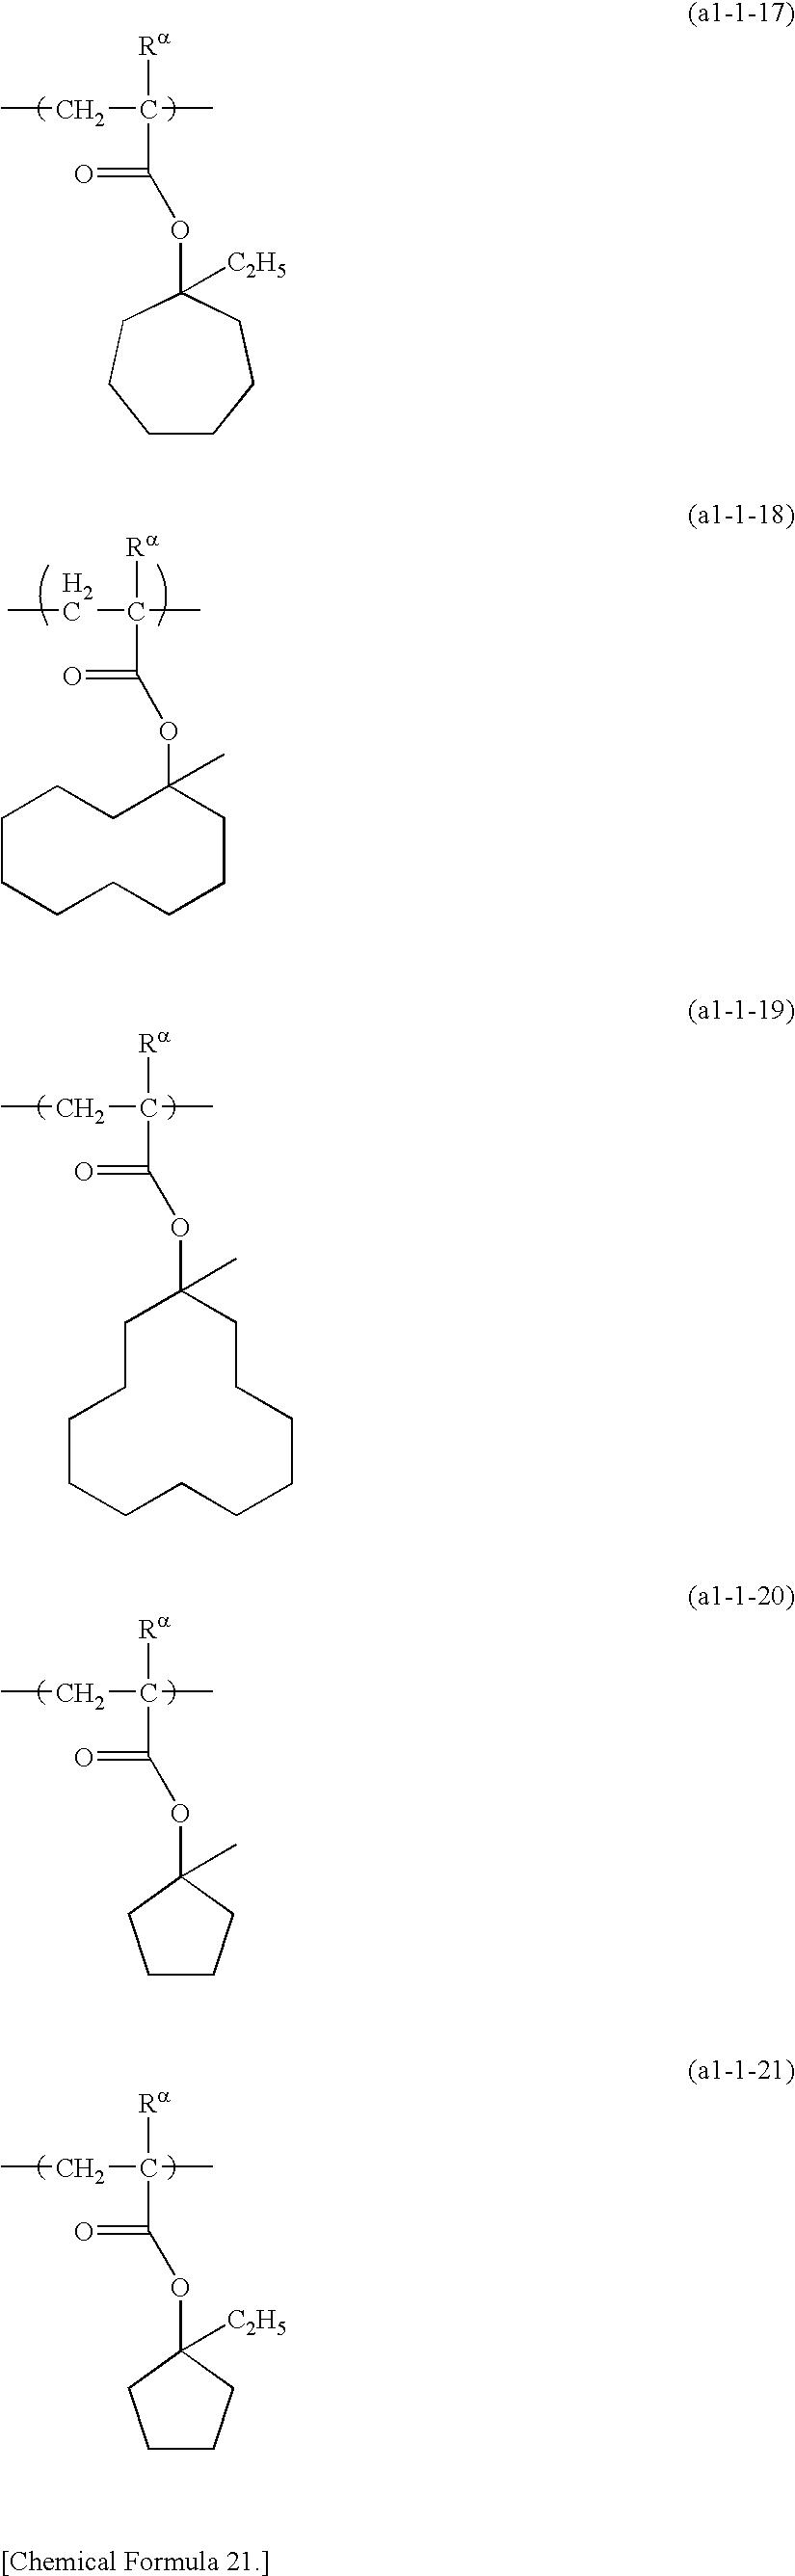 Figure US20100196821A1-20100805-C00025